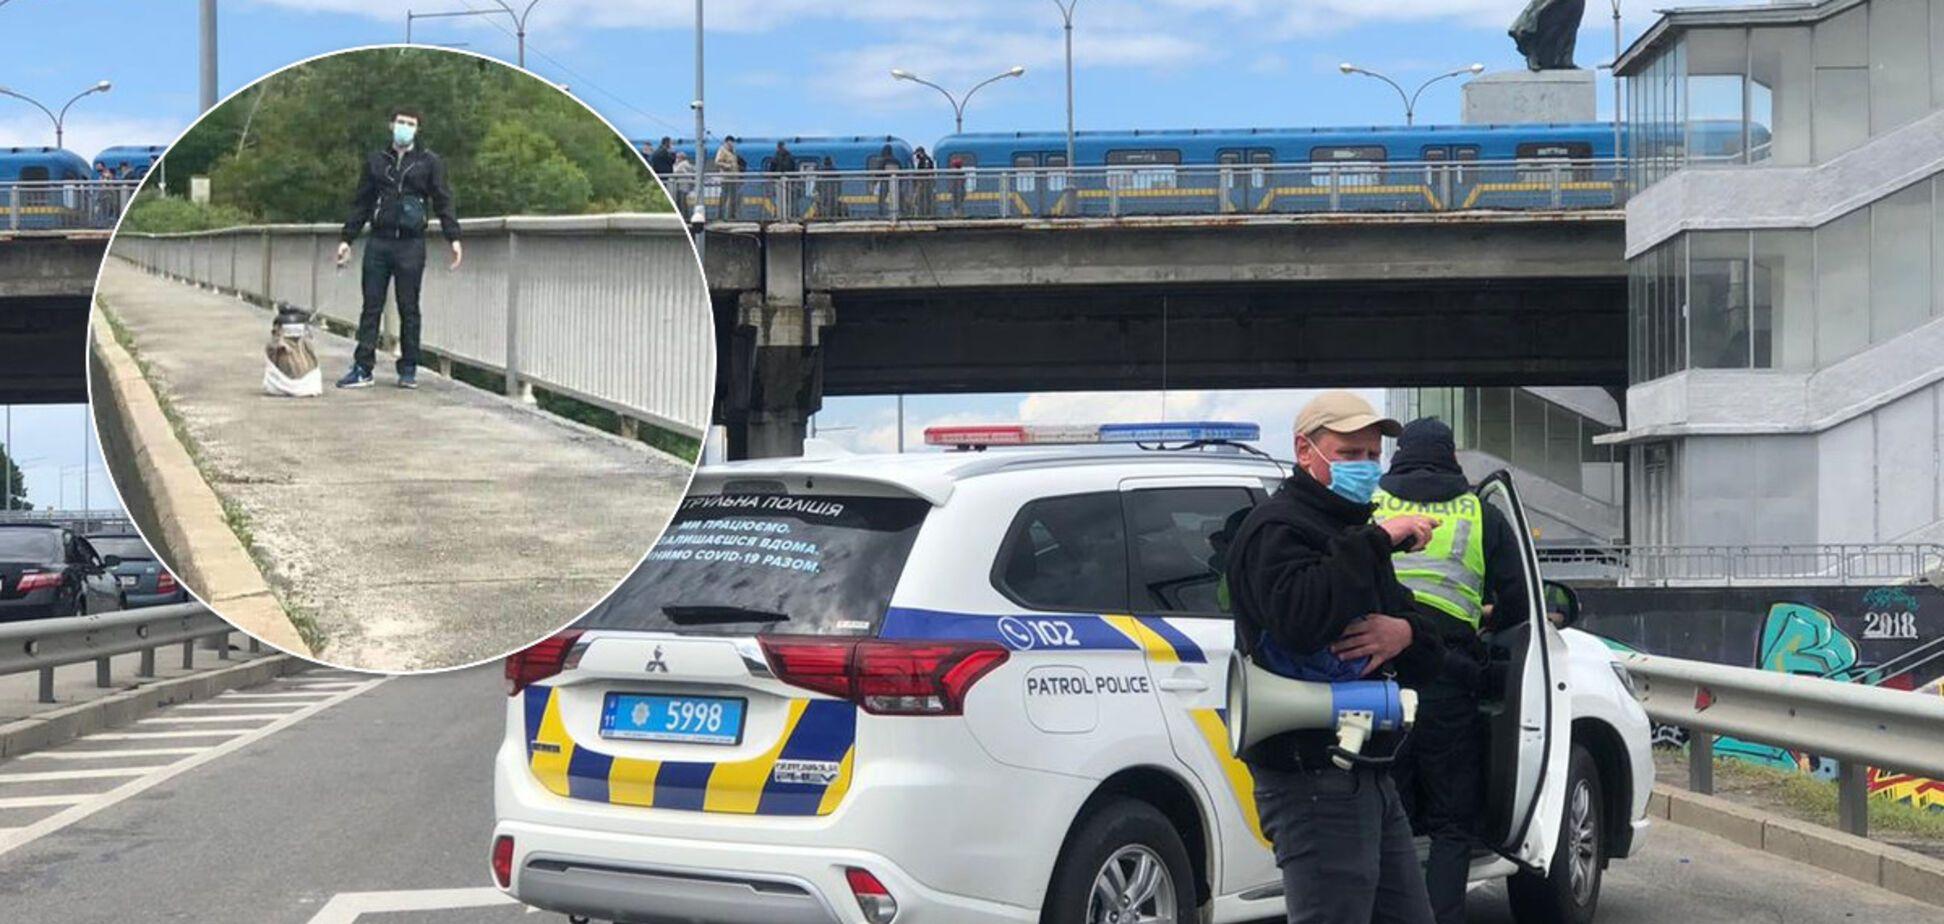 У поліції повідомили всі подробиці про 'мінера' моста Метро в Києві